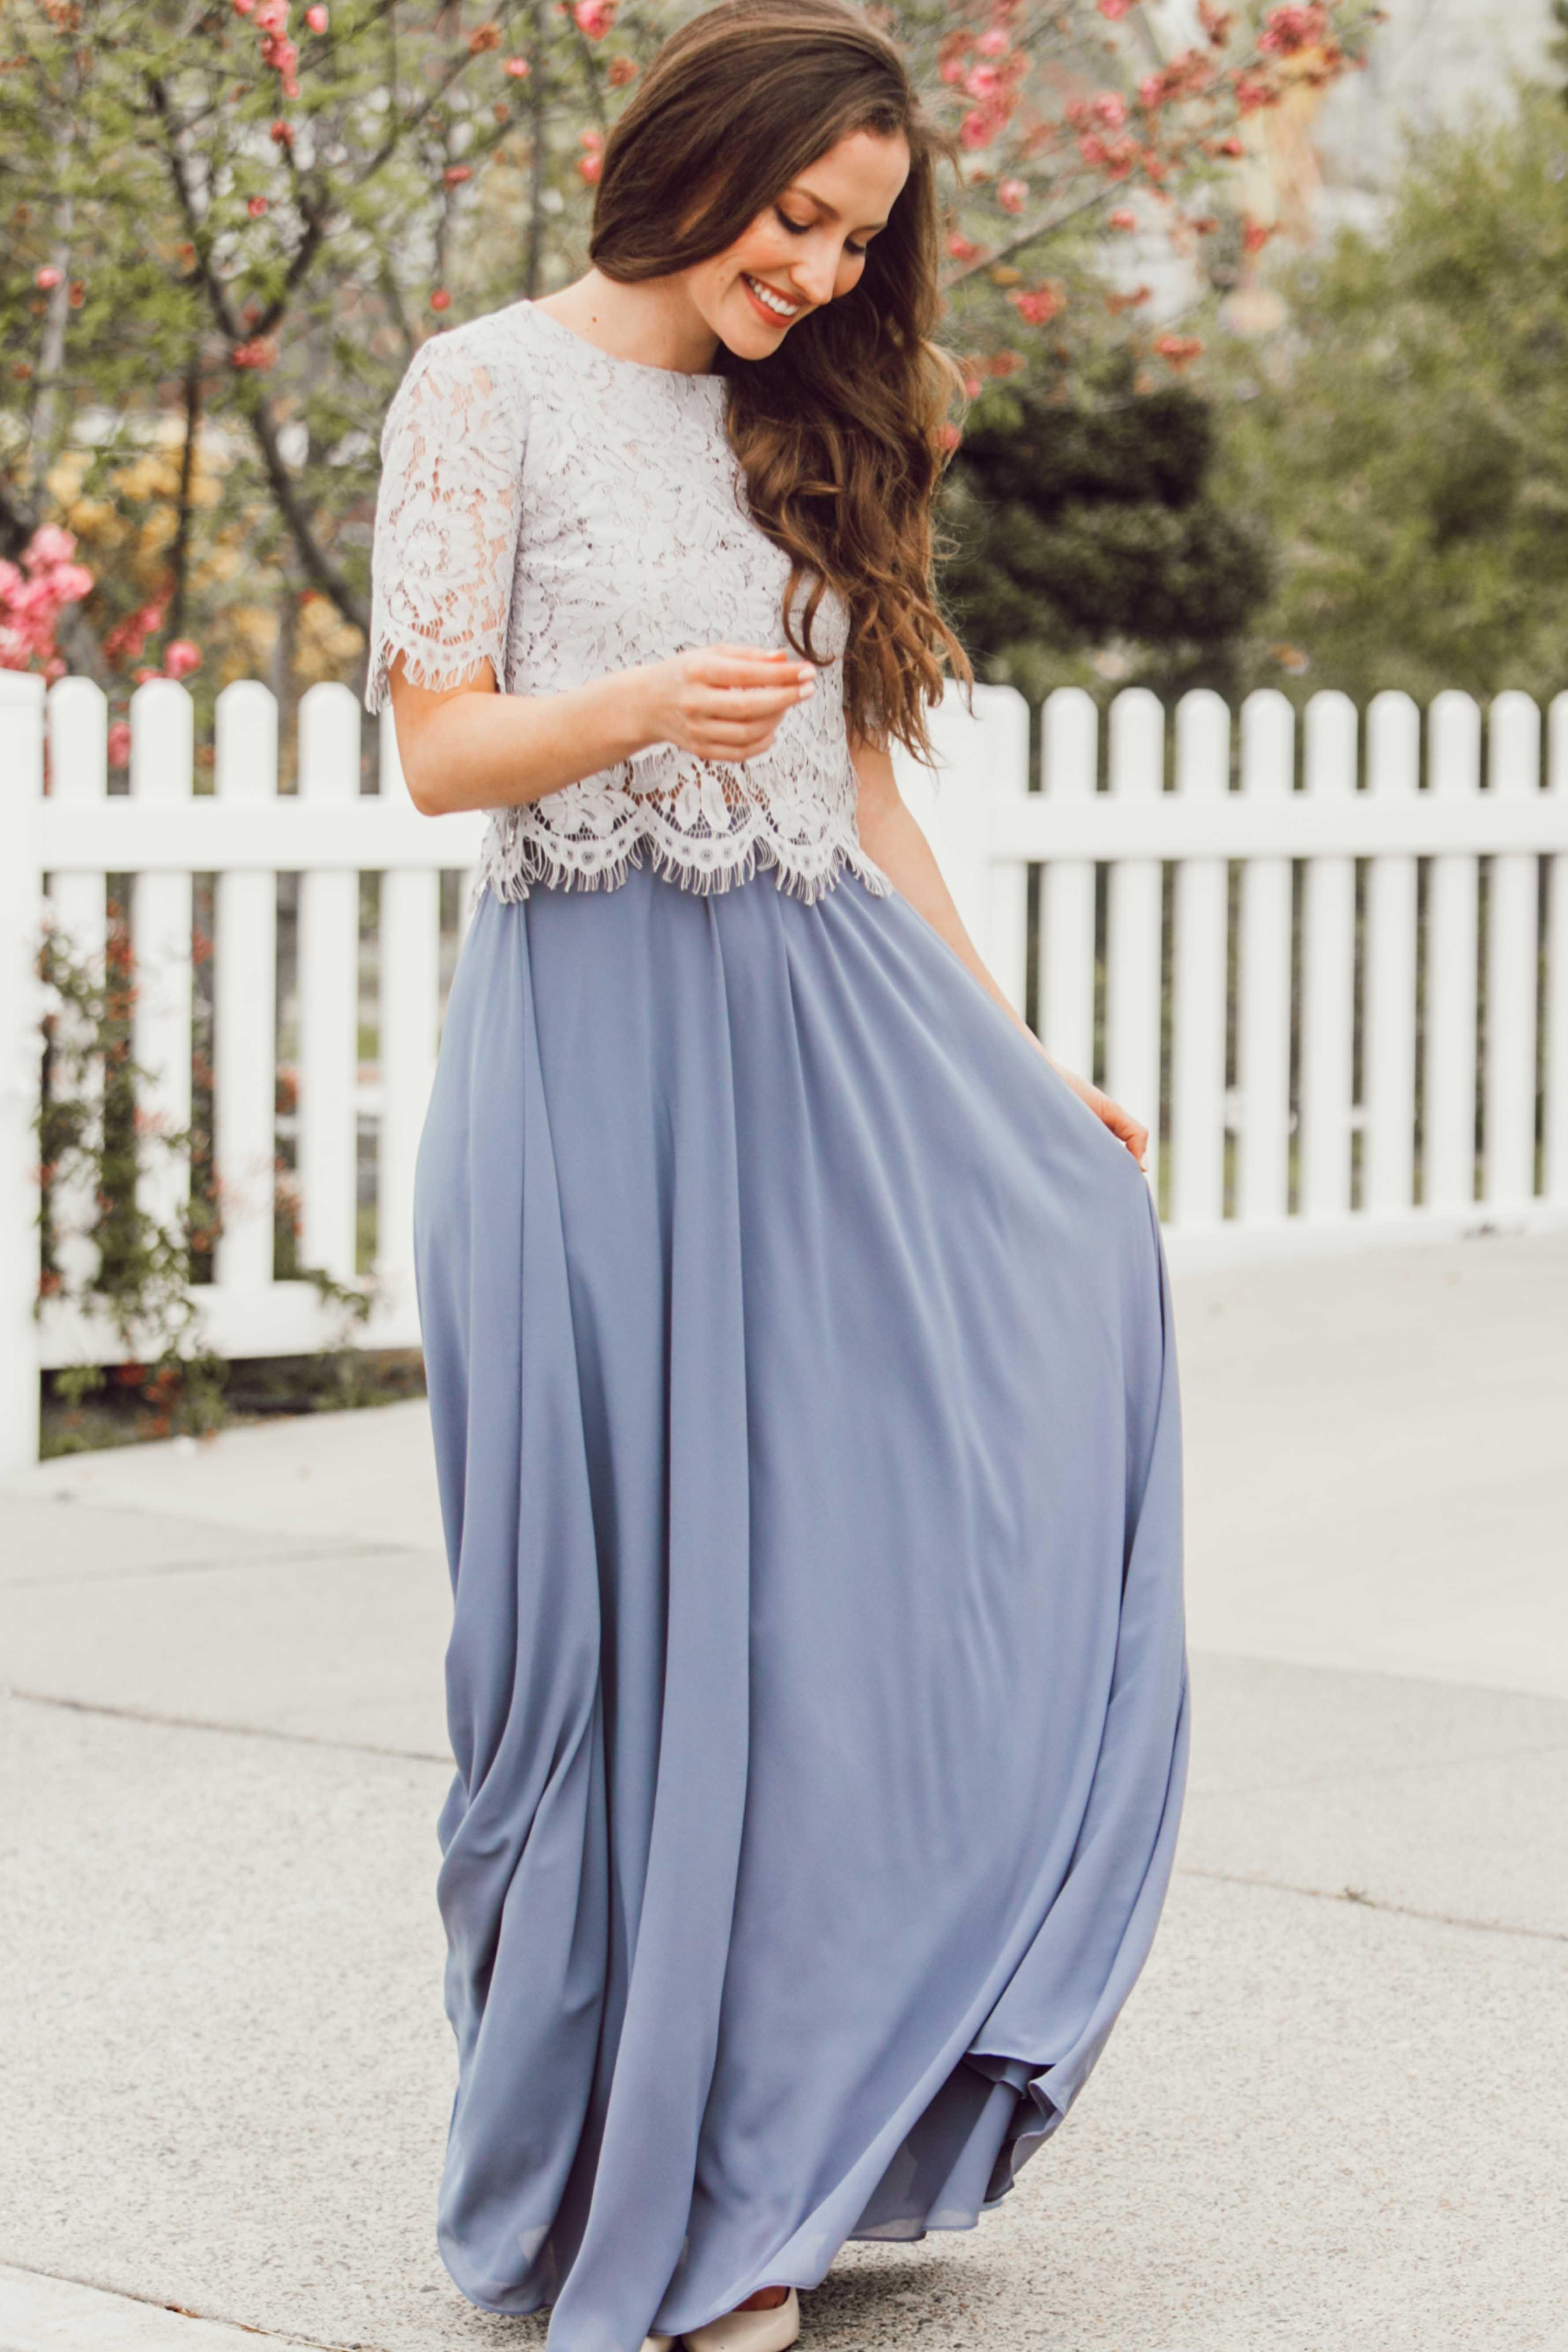 0c60f1b7b shop Skylar Belle top, lace top, bridesmaid top, bridesmaid separates,  Wedding Color